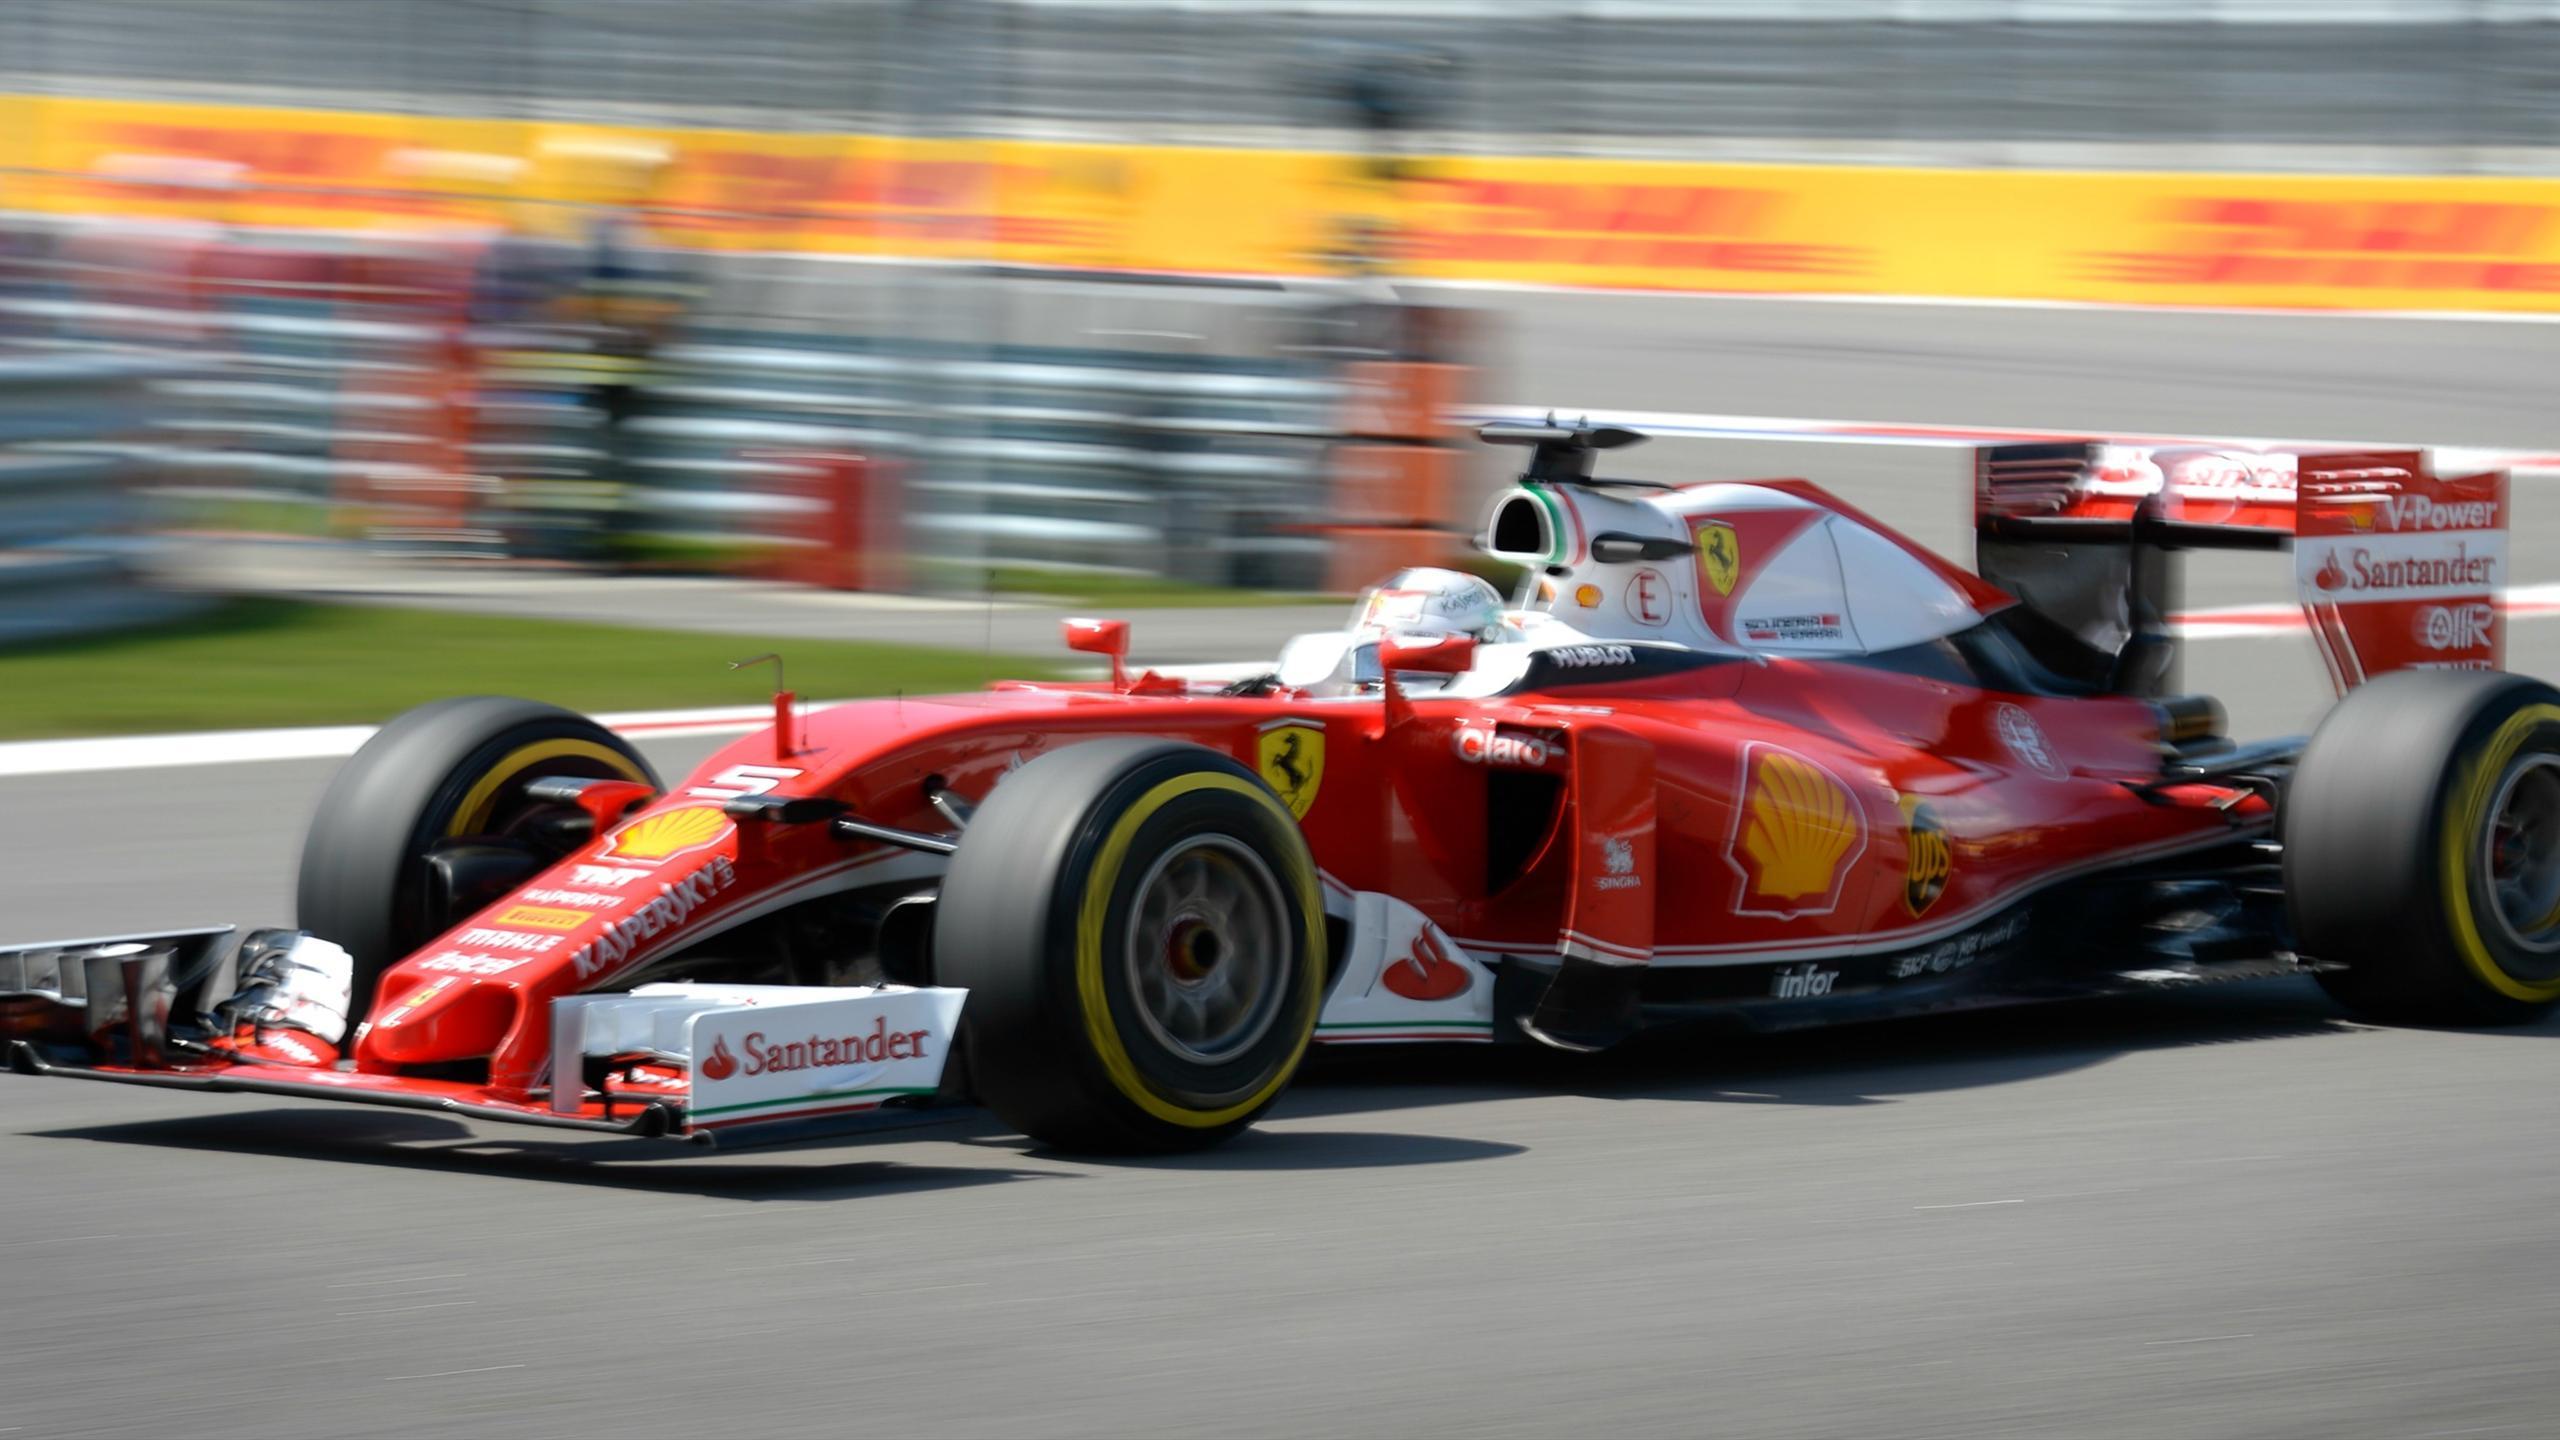 Sebastian Vettel (Ferrari) - GP of Russia 2016